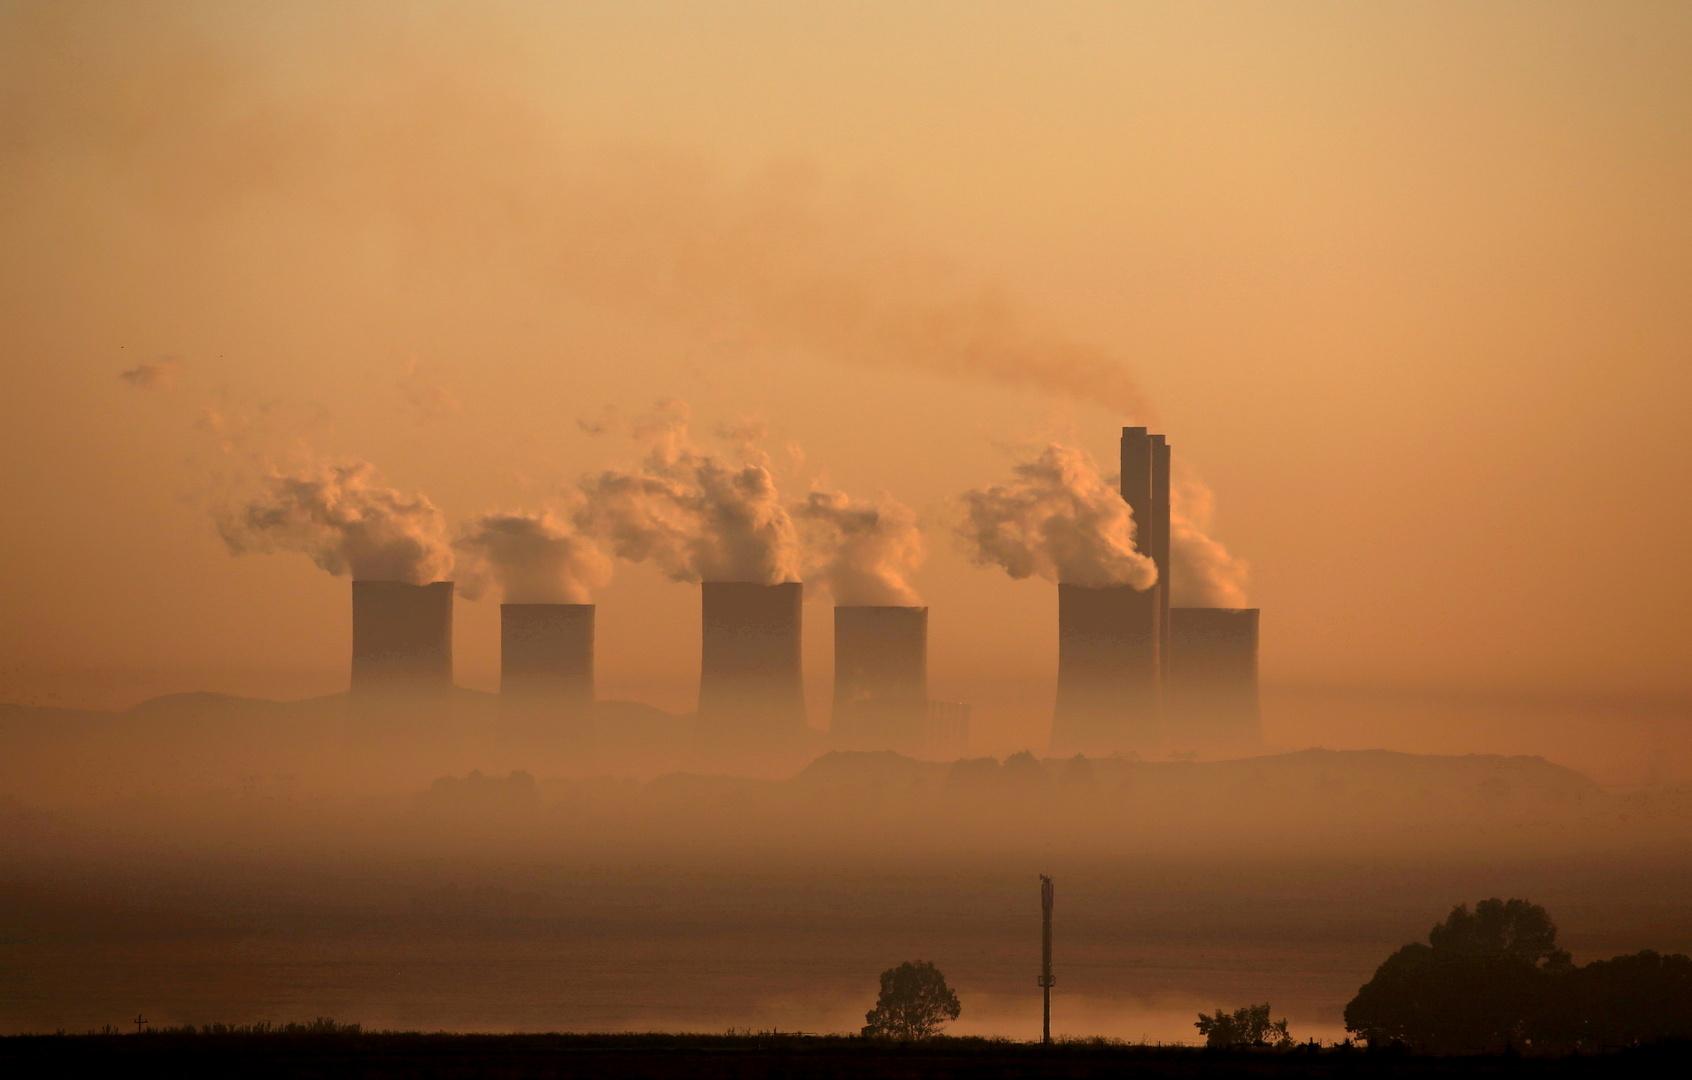 الاستخبارات الأمريكية تحذر من تهديد الاحترار المناخي للاستقرار العالمي